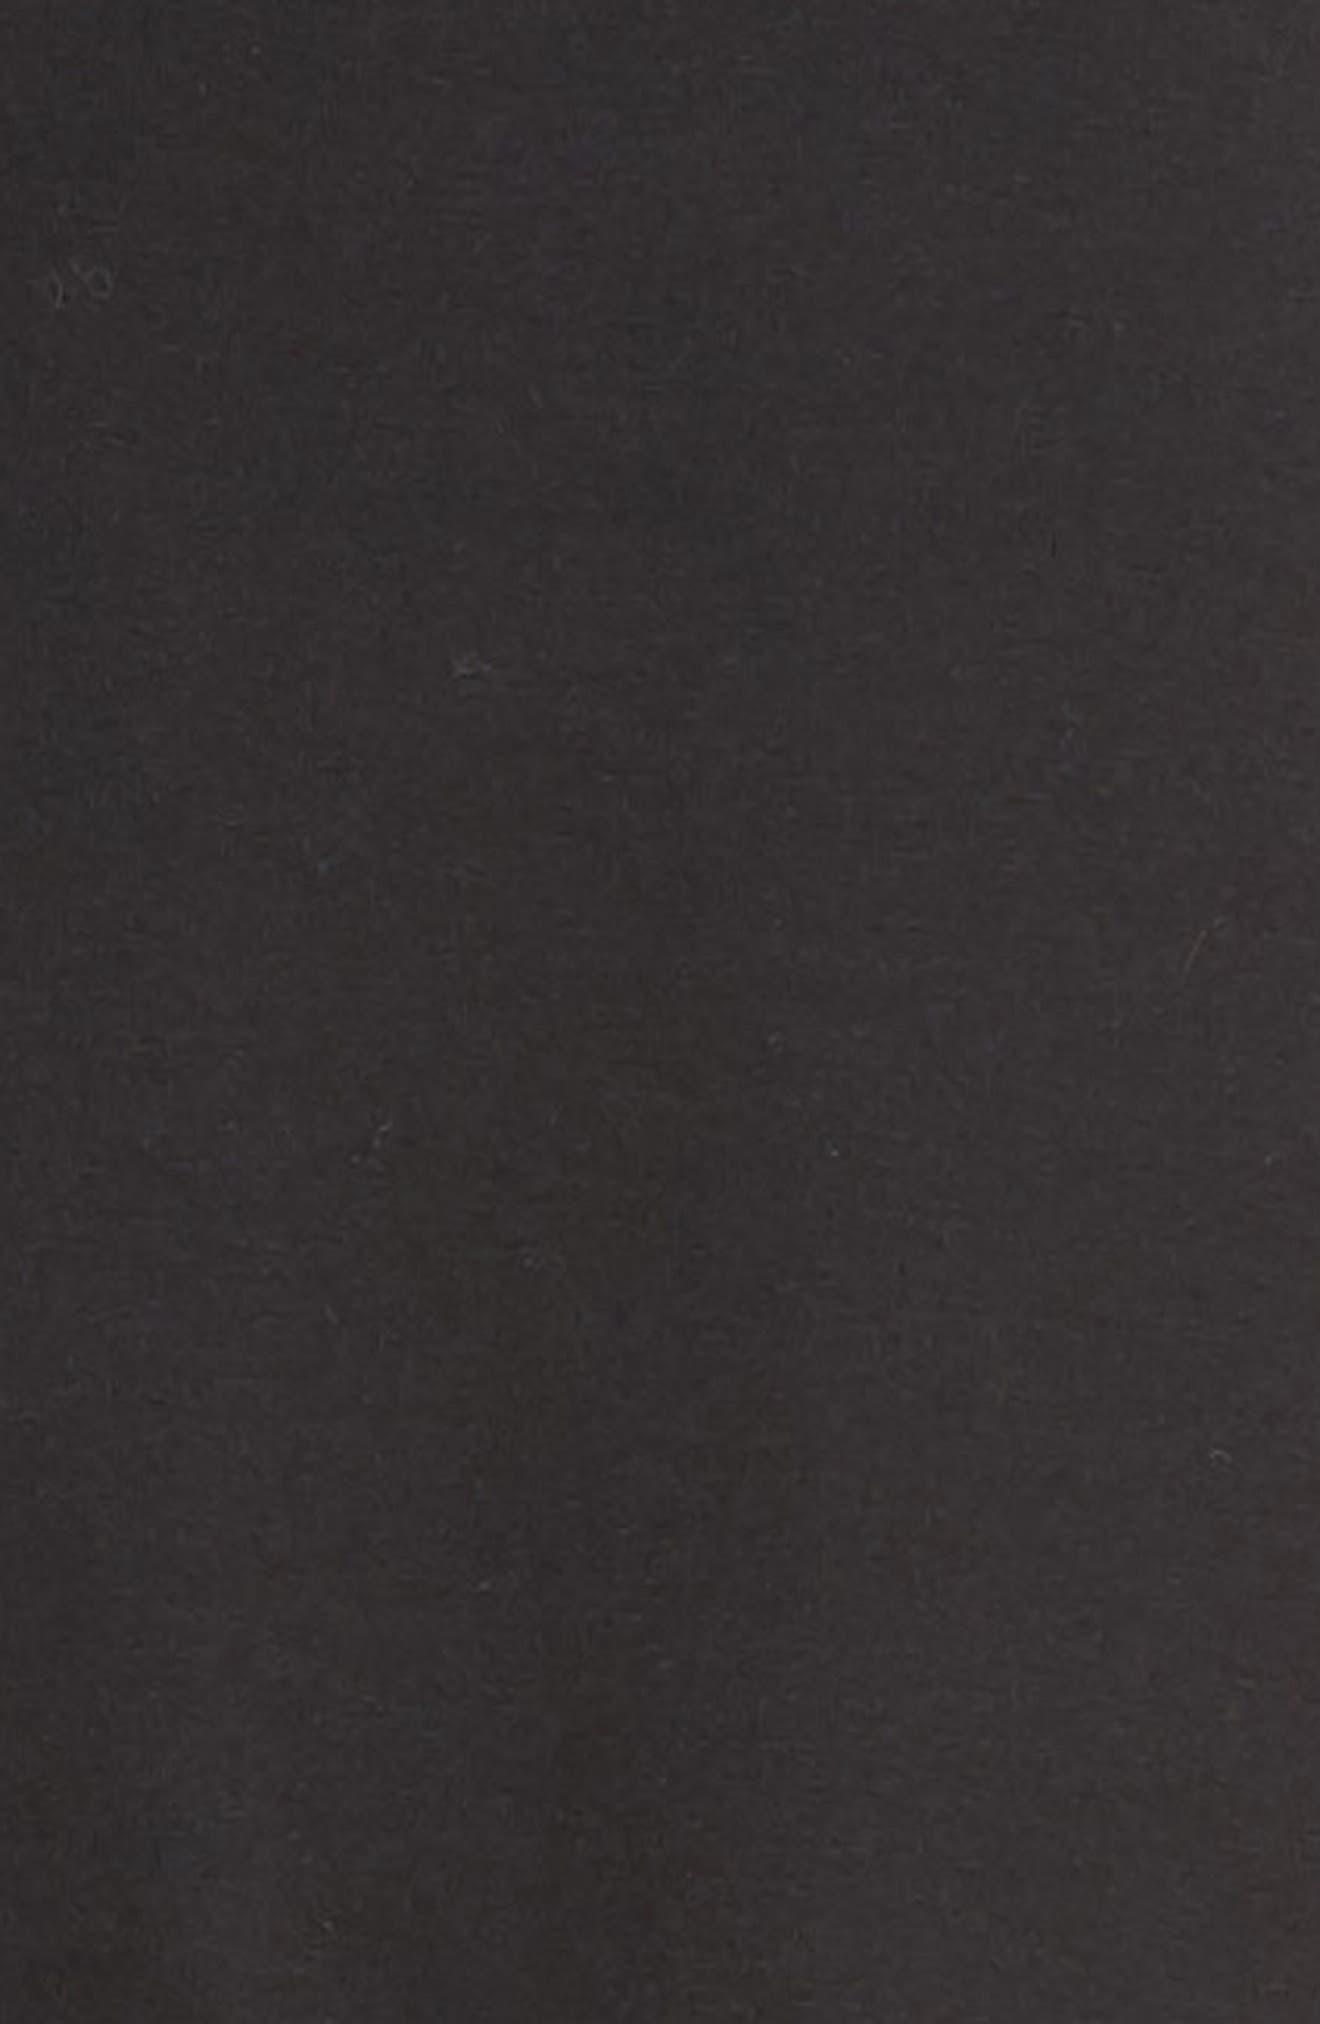 Ruffle Hem Skirt,                             Alternate thumbnail 5, color,                             001